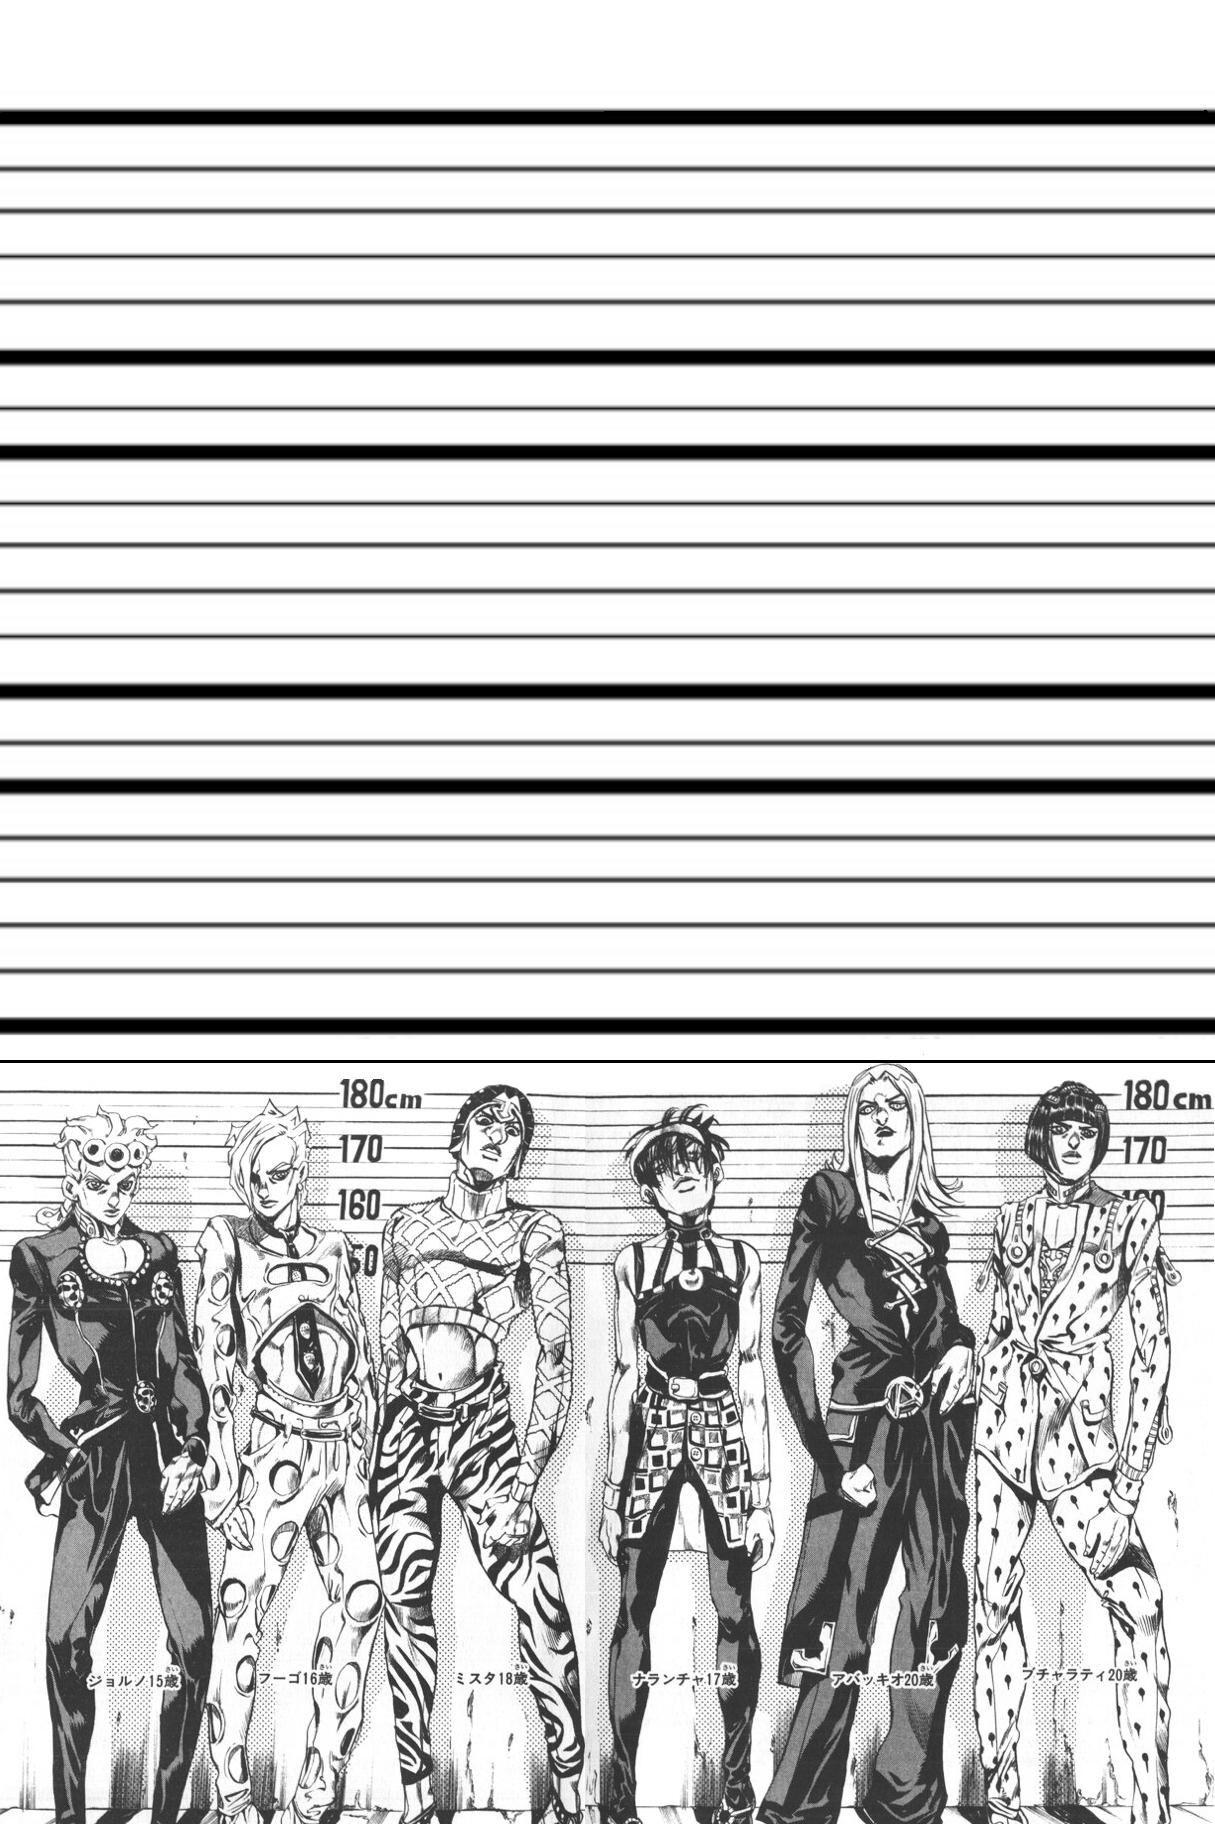 画像 クリエイティブすぎるジョジョの壁紙アート 荒木飛呂彦 壁紙